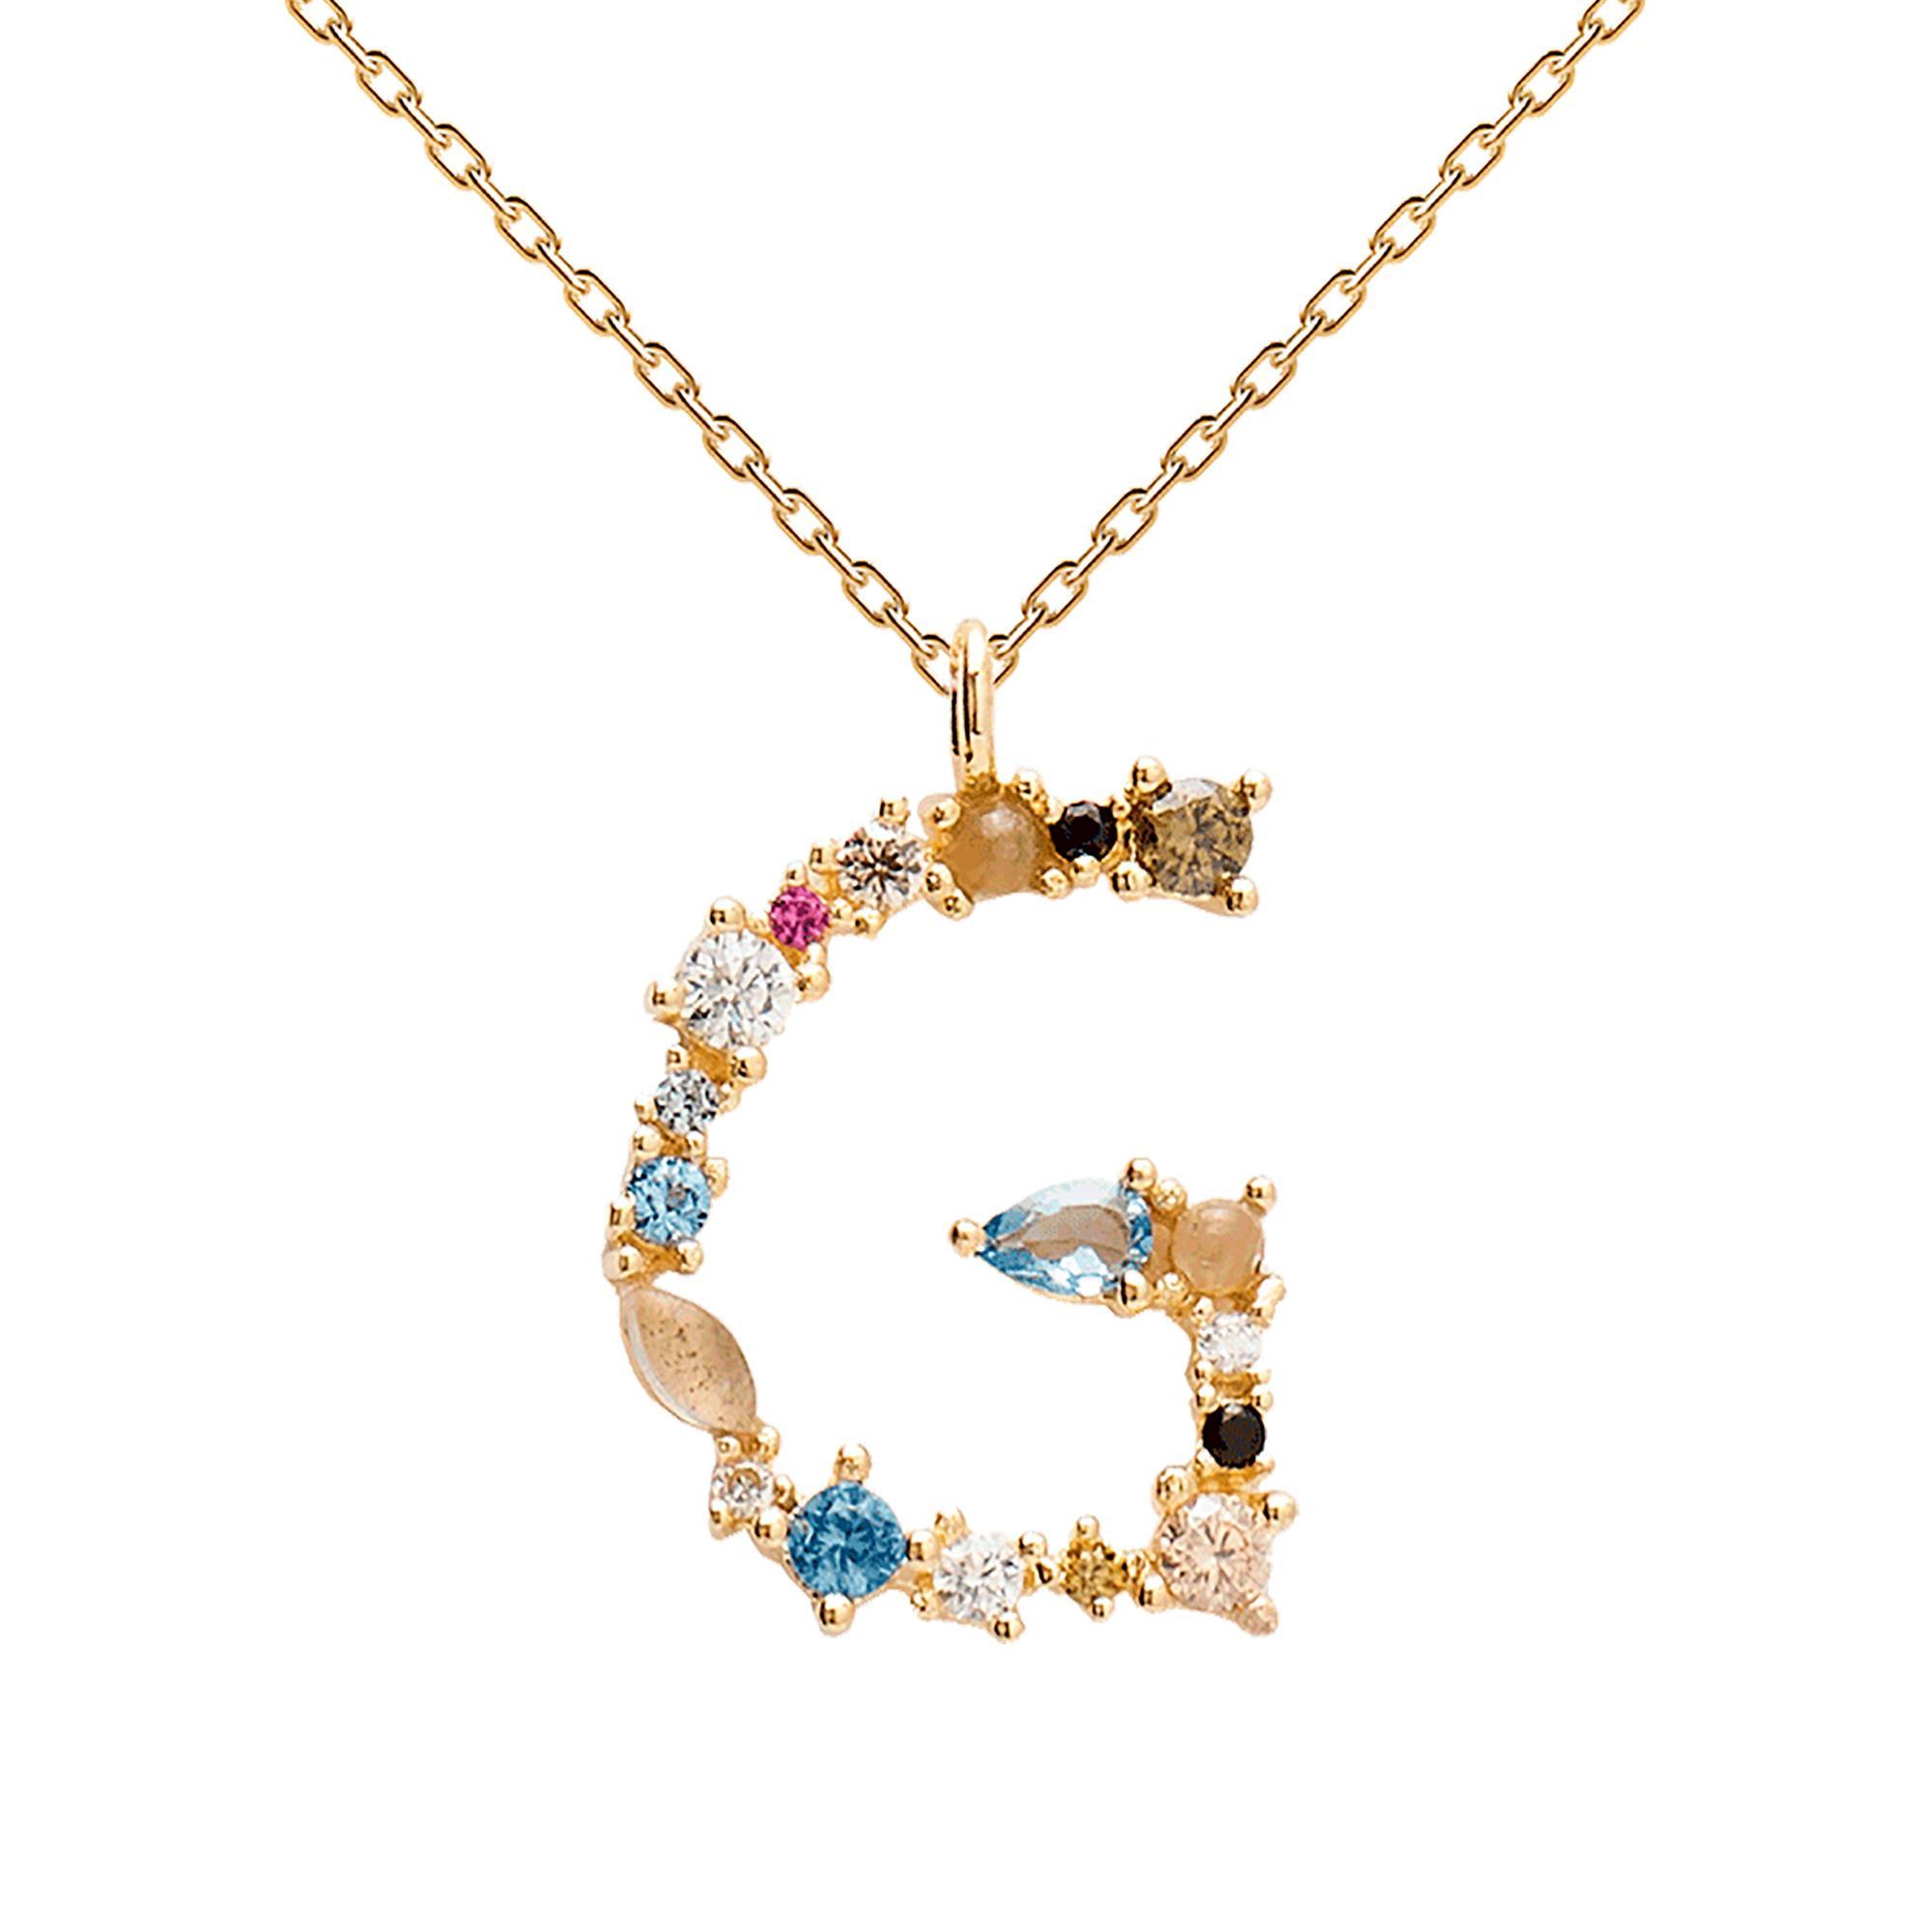 Collana Lettera G Oro Zirconi e Pietre Donna - PDPAOLA